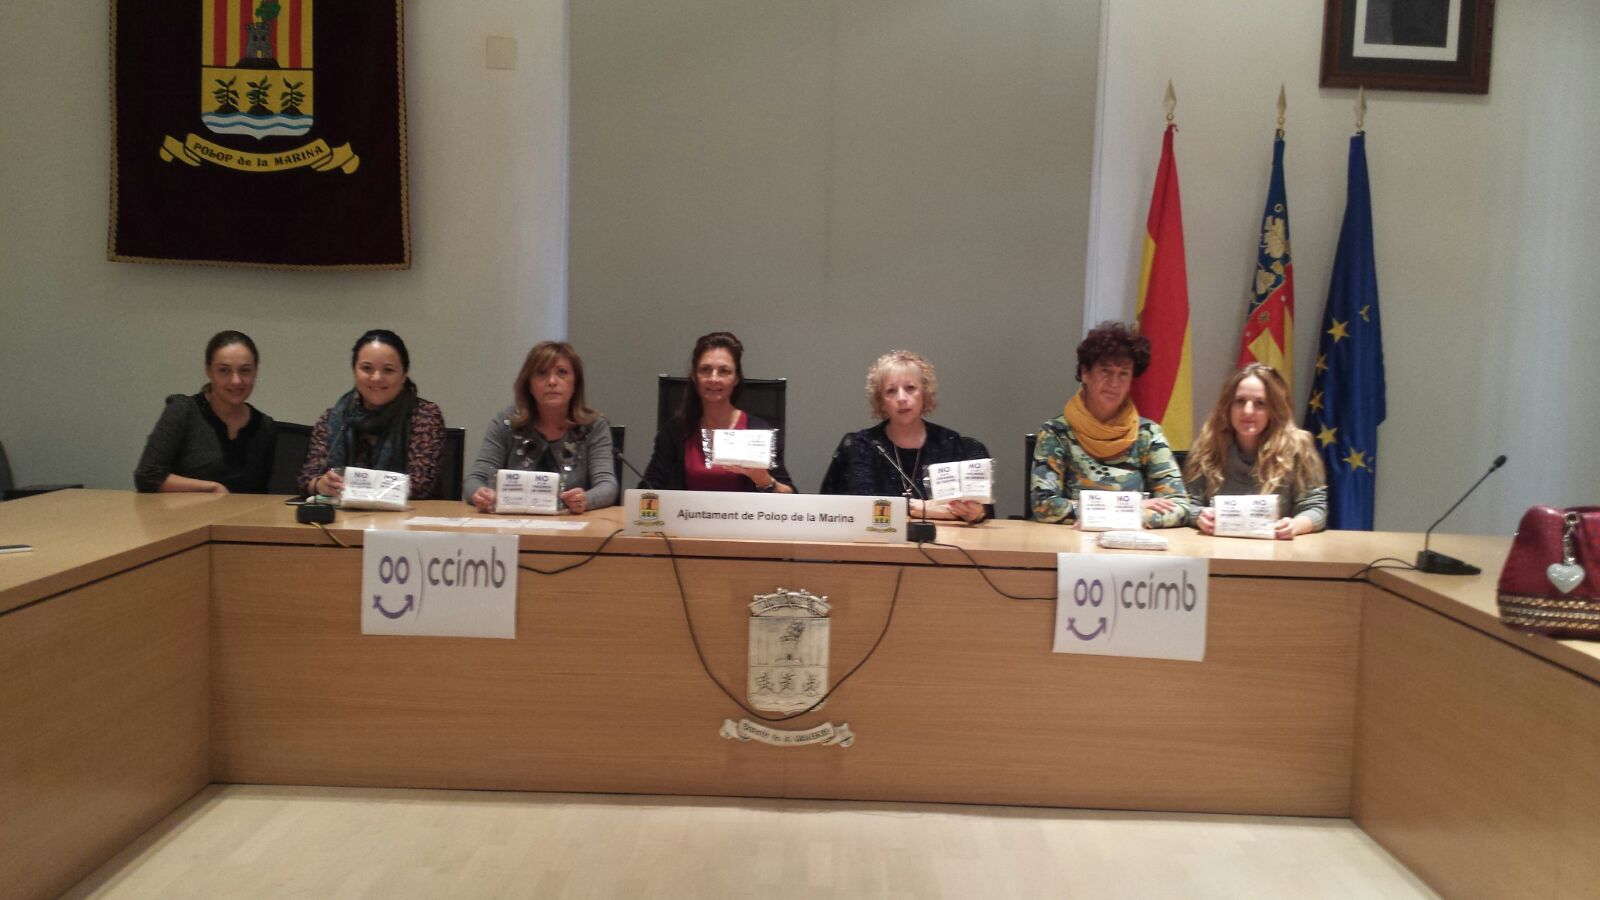 El Consejo Comarcal por la Igualdad de la Marina Baixa lanza una campaña de sensibilización junto a los hosteleros